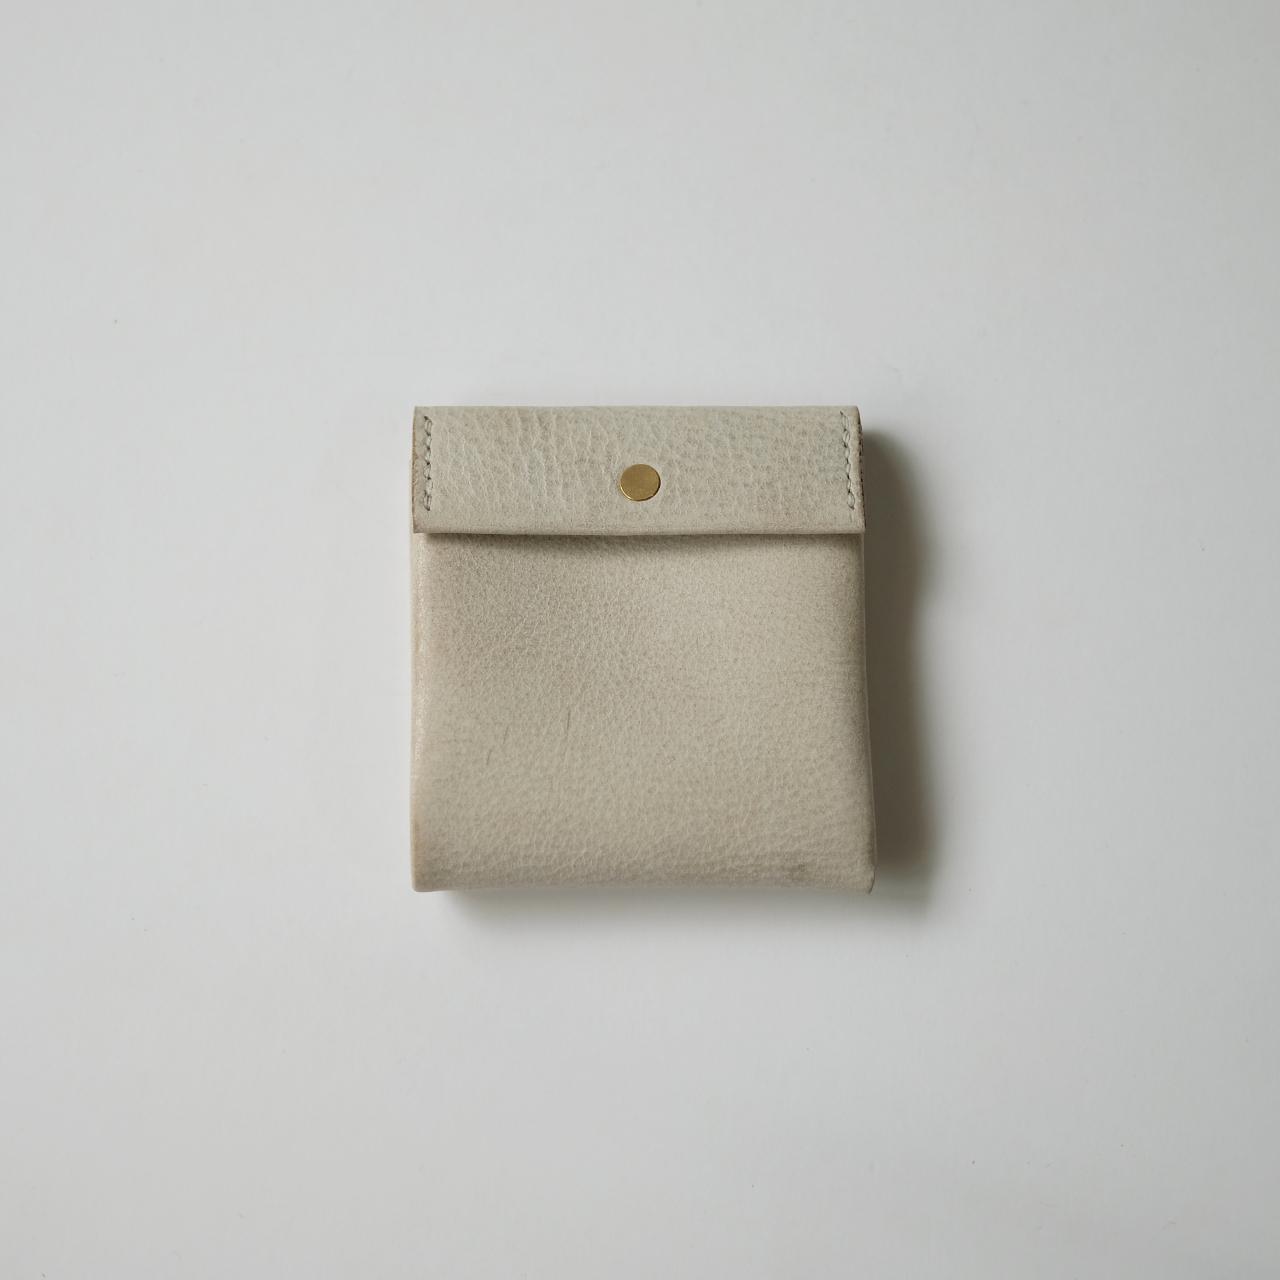 replica wallet - white - ALASKA